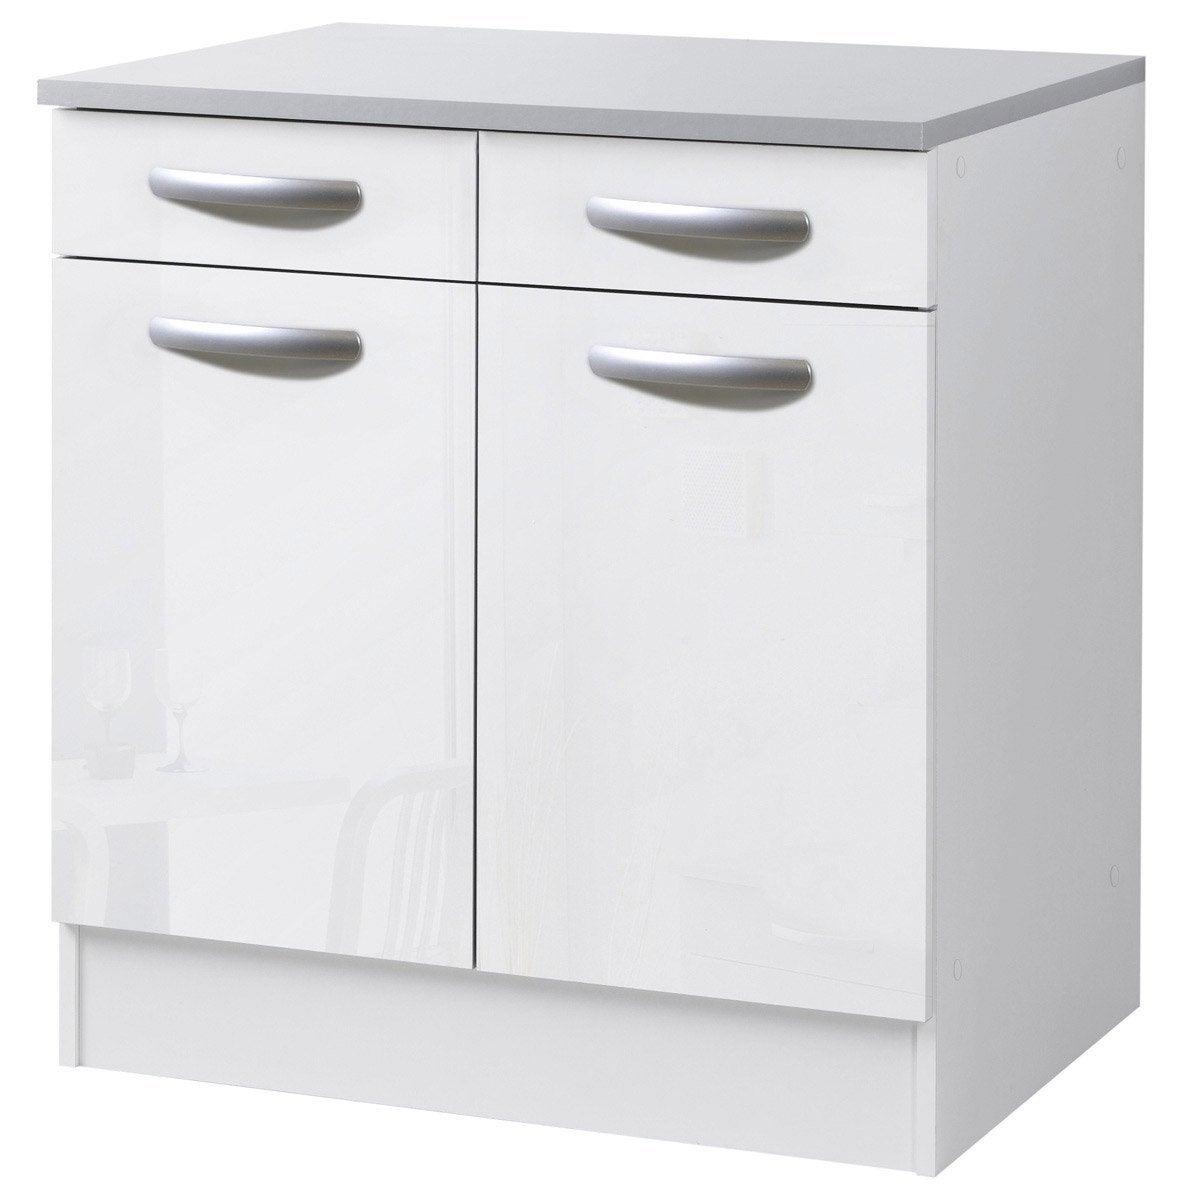 charmant Meuble de cuisine bas 2 portes + 2 tiroirs, blanc brillant, h86x l80x p60cm